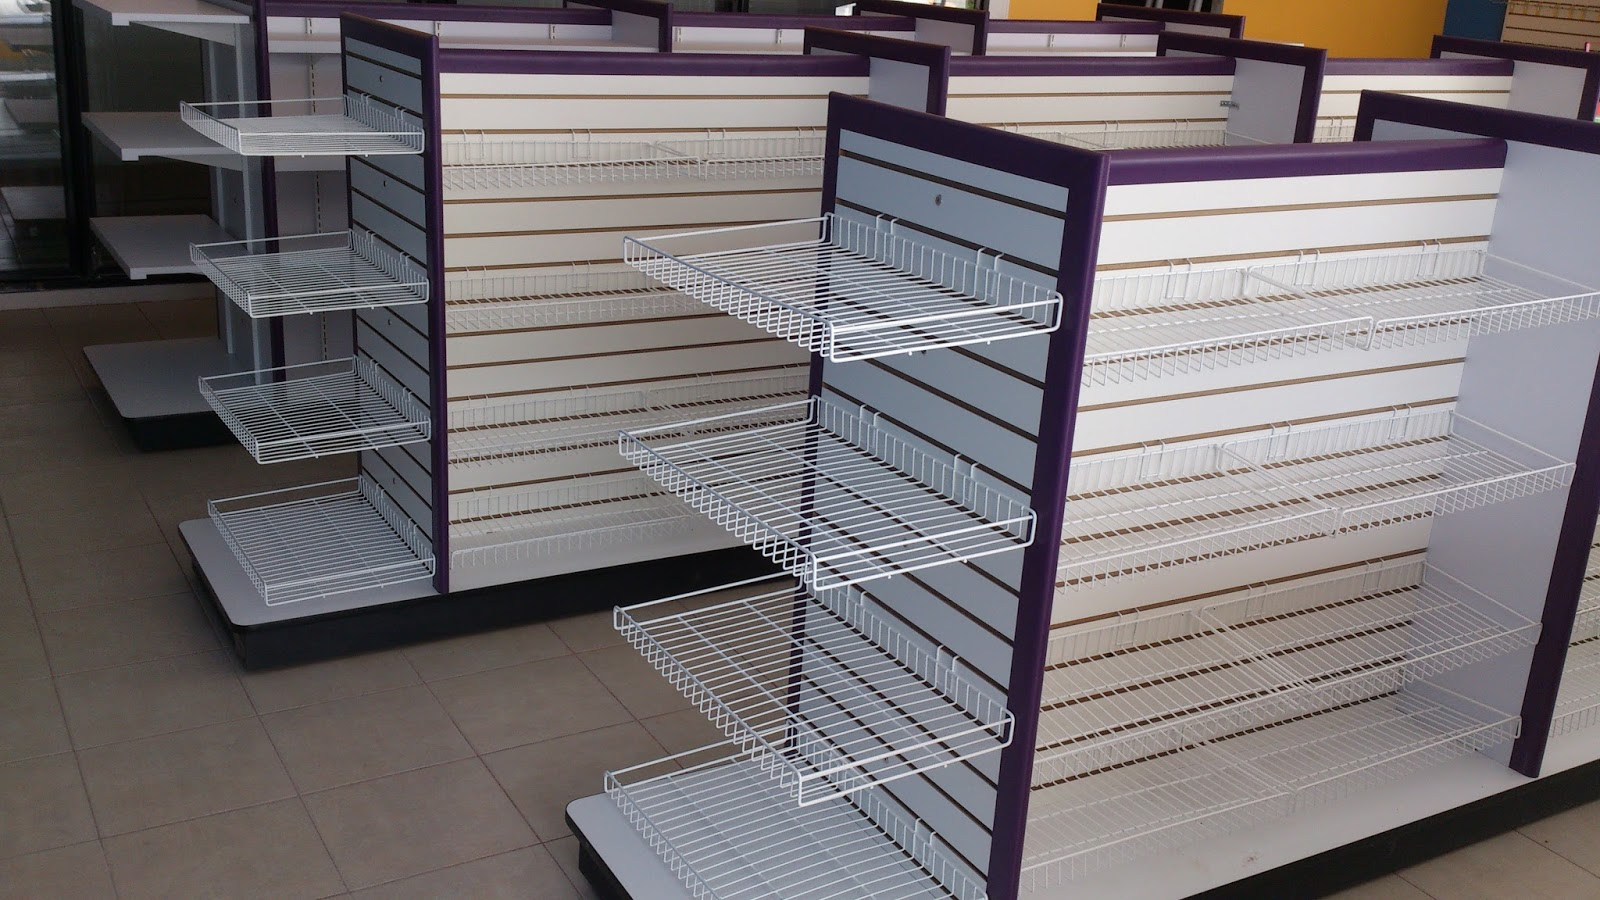 Muebles de tiendas mobiliario de tiendas tipo oxxo for Almacenes muebles